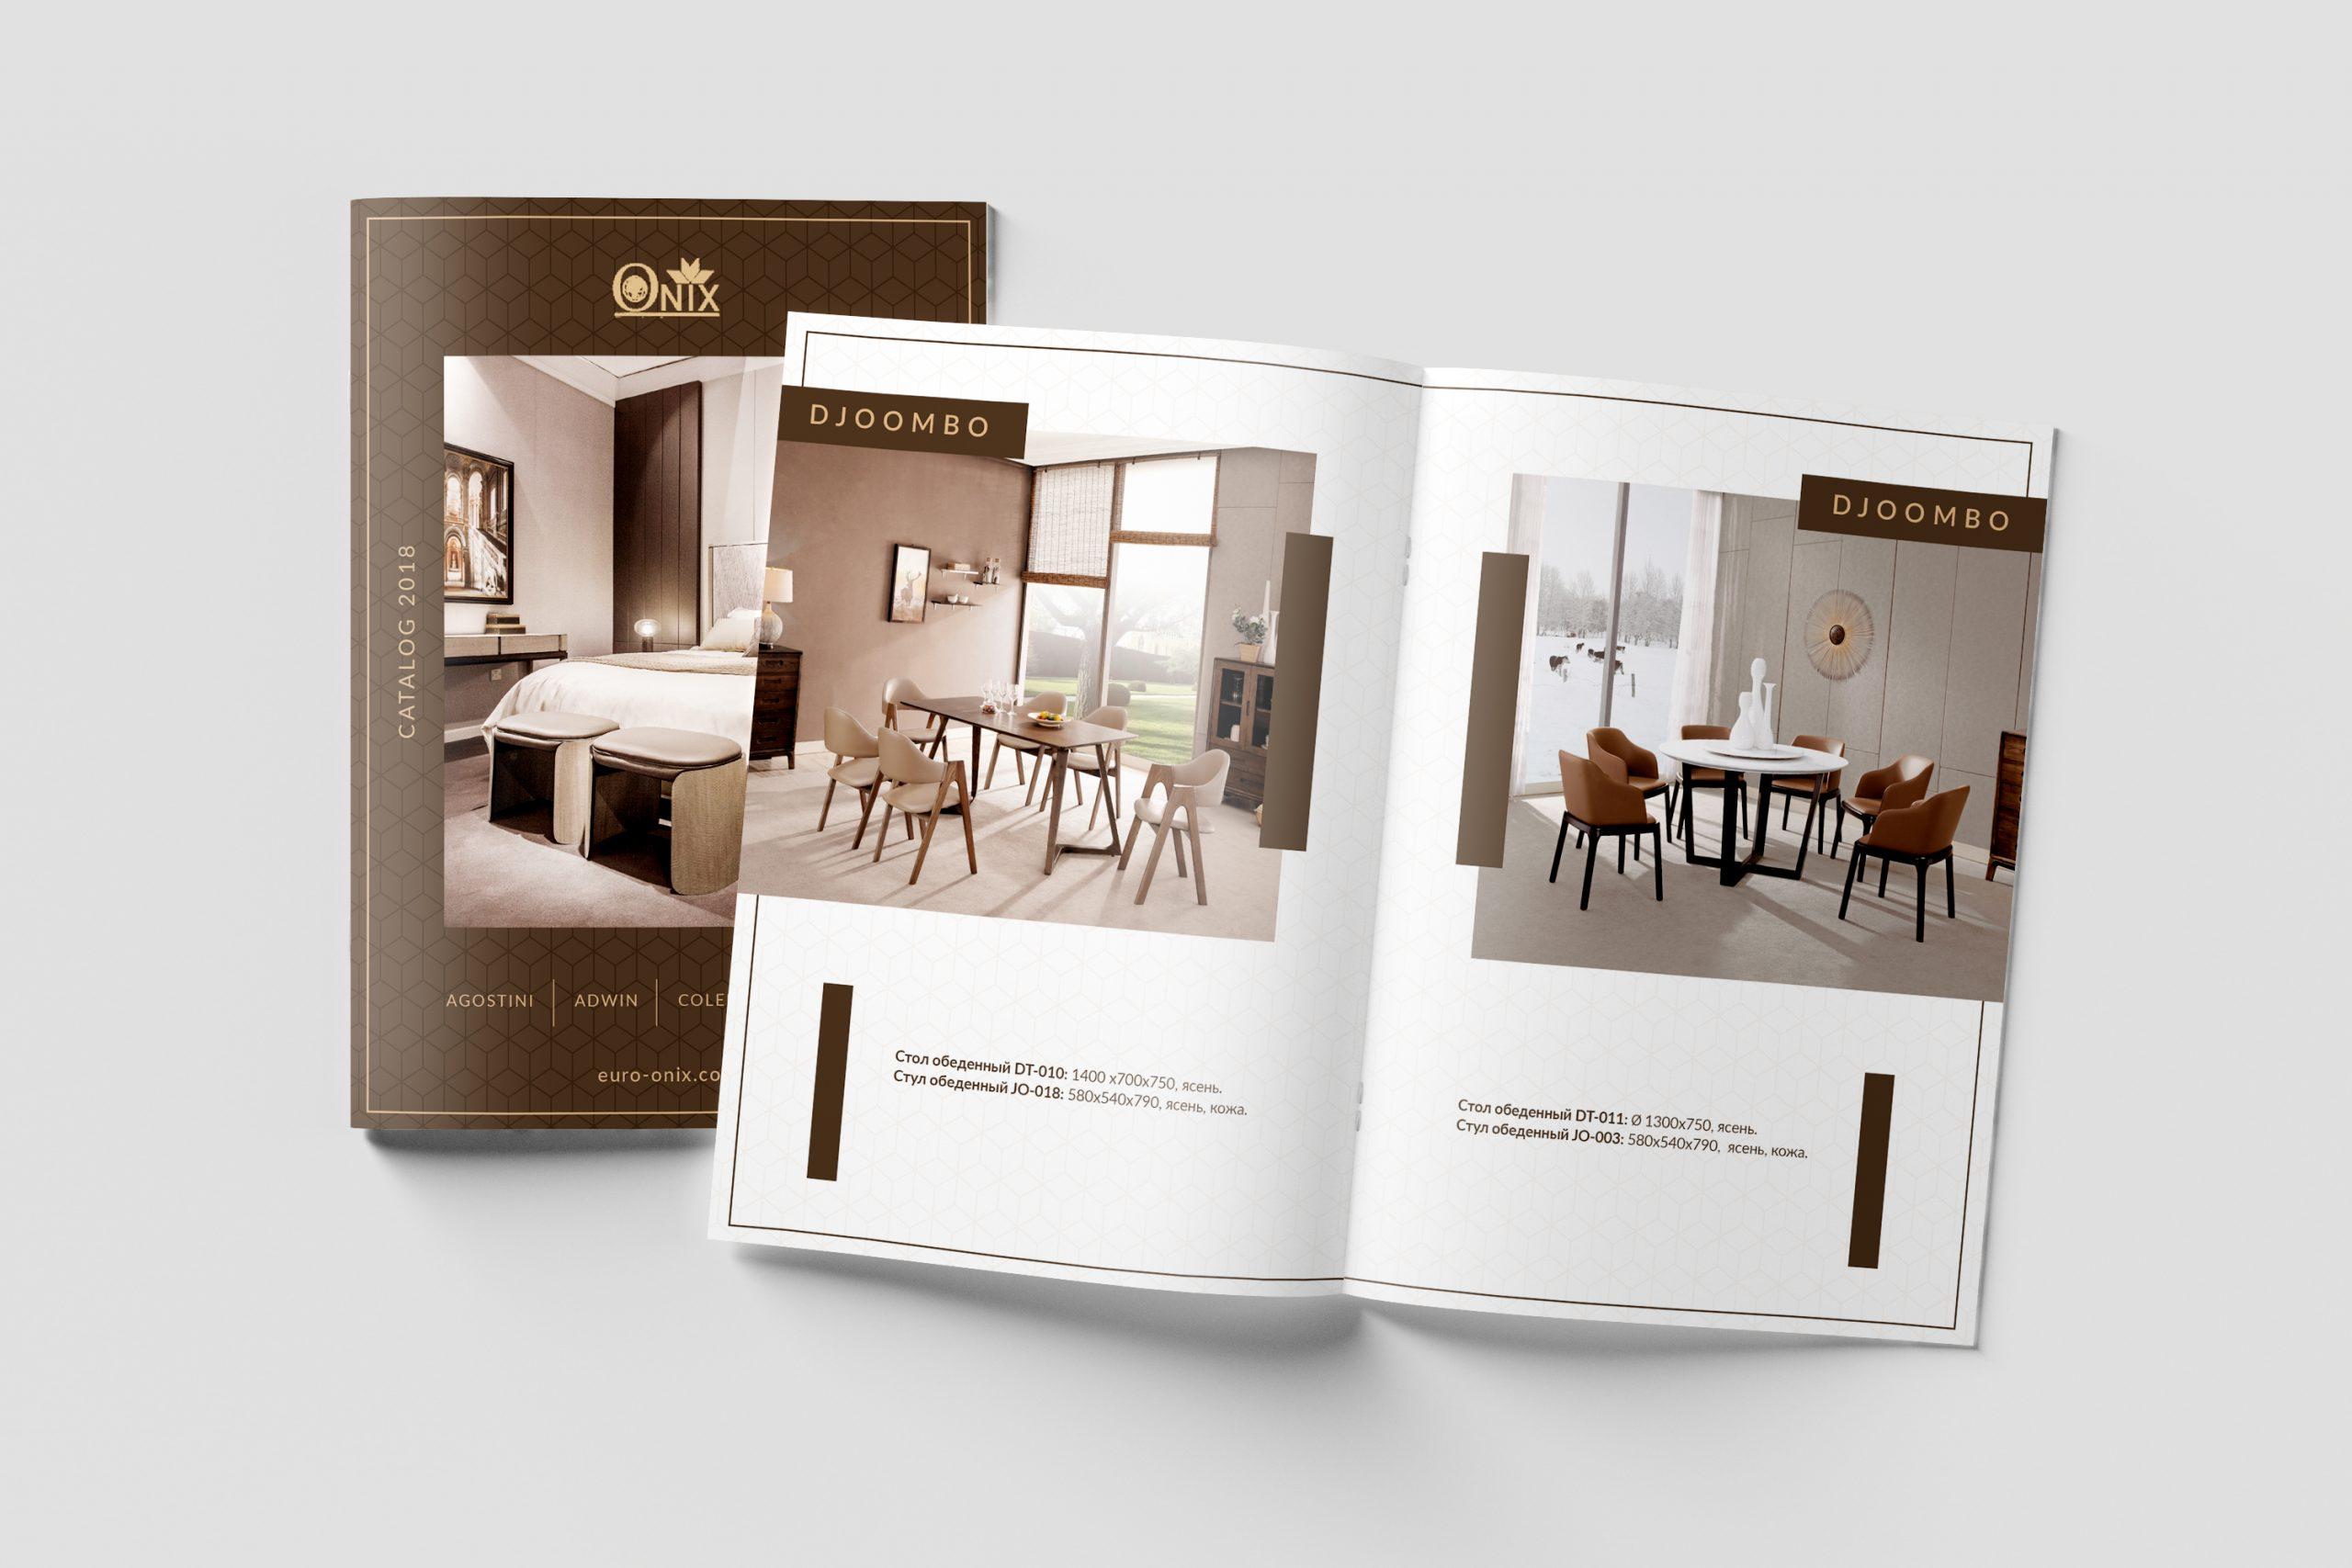 Onix дизайн каталога